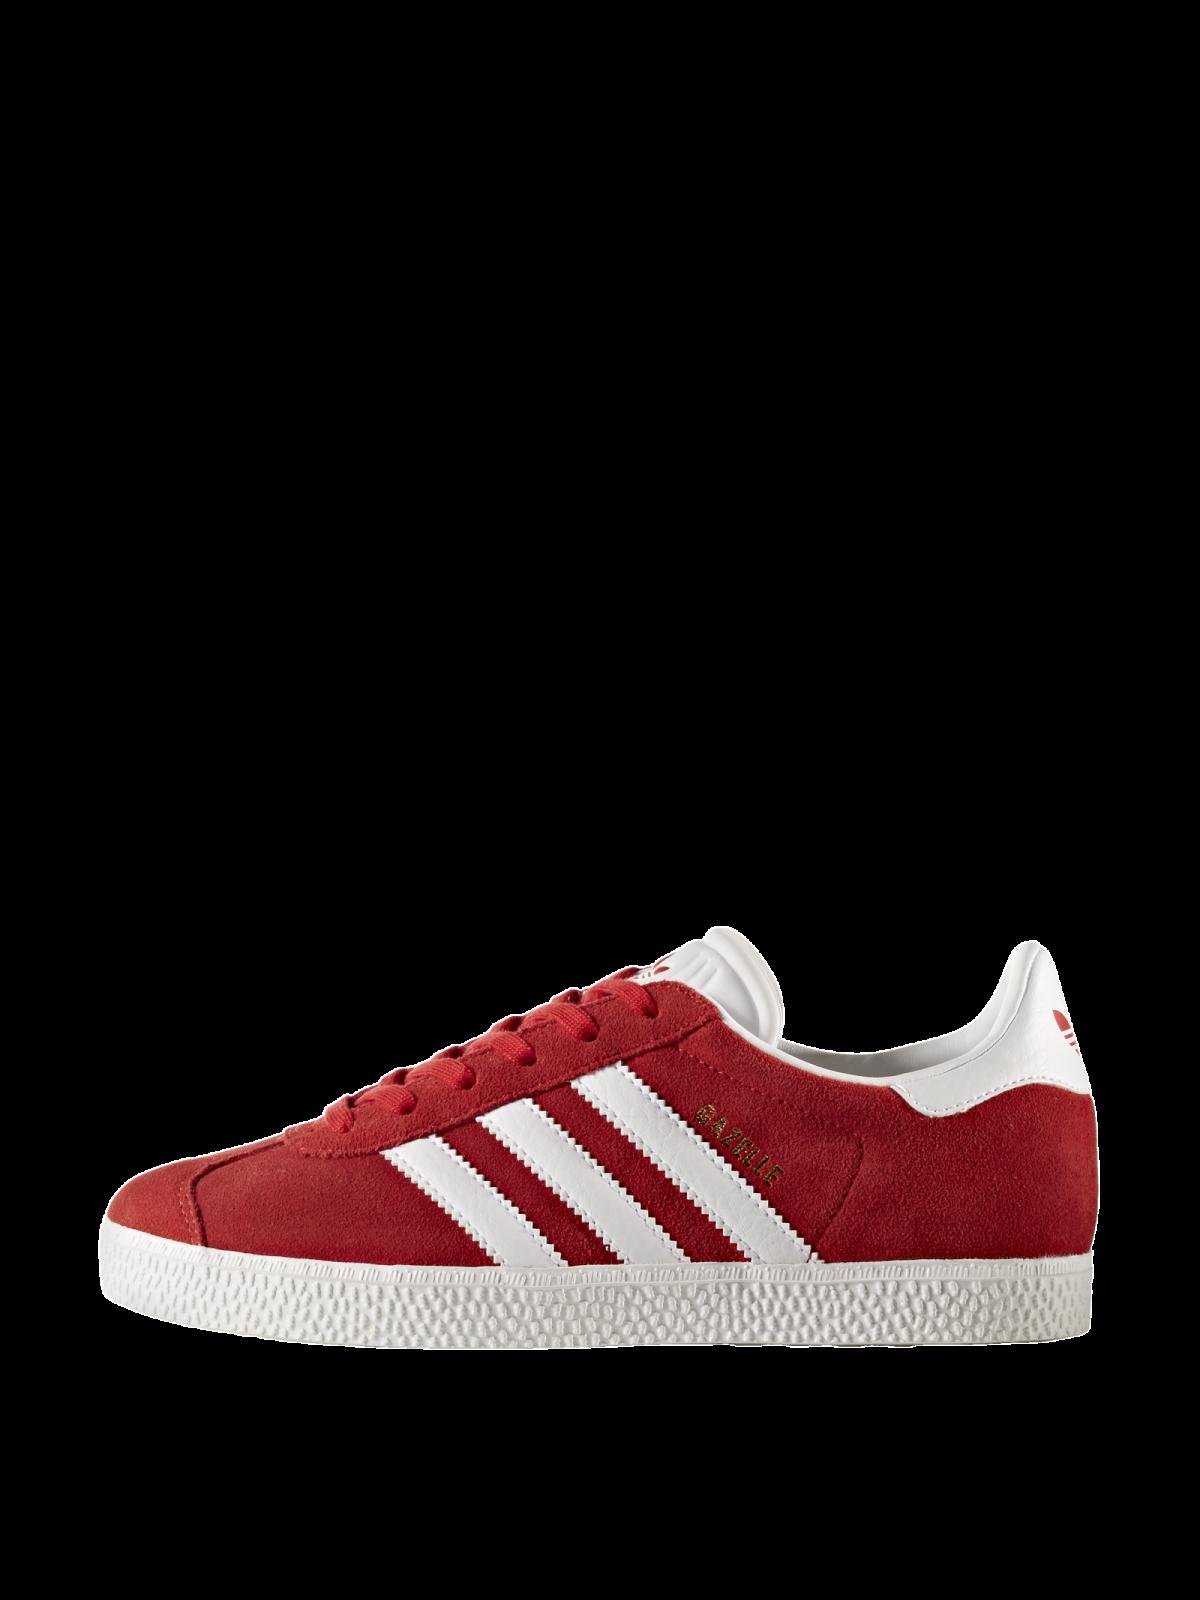 adidas gazelle rouge femme 37